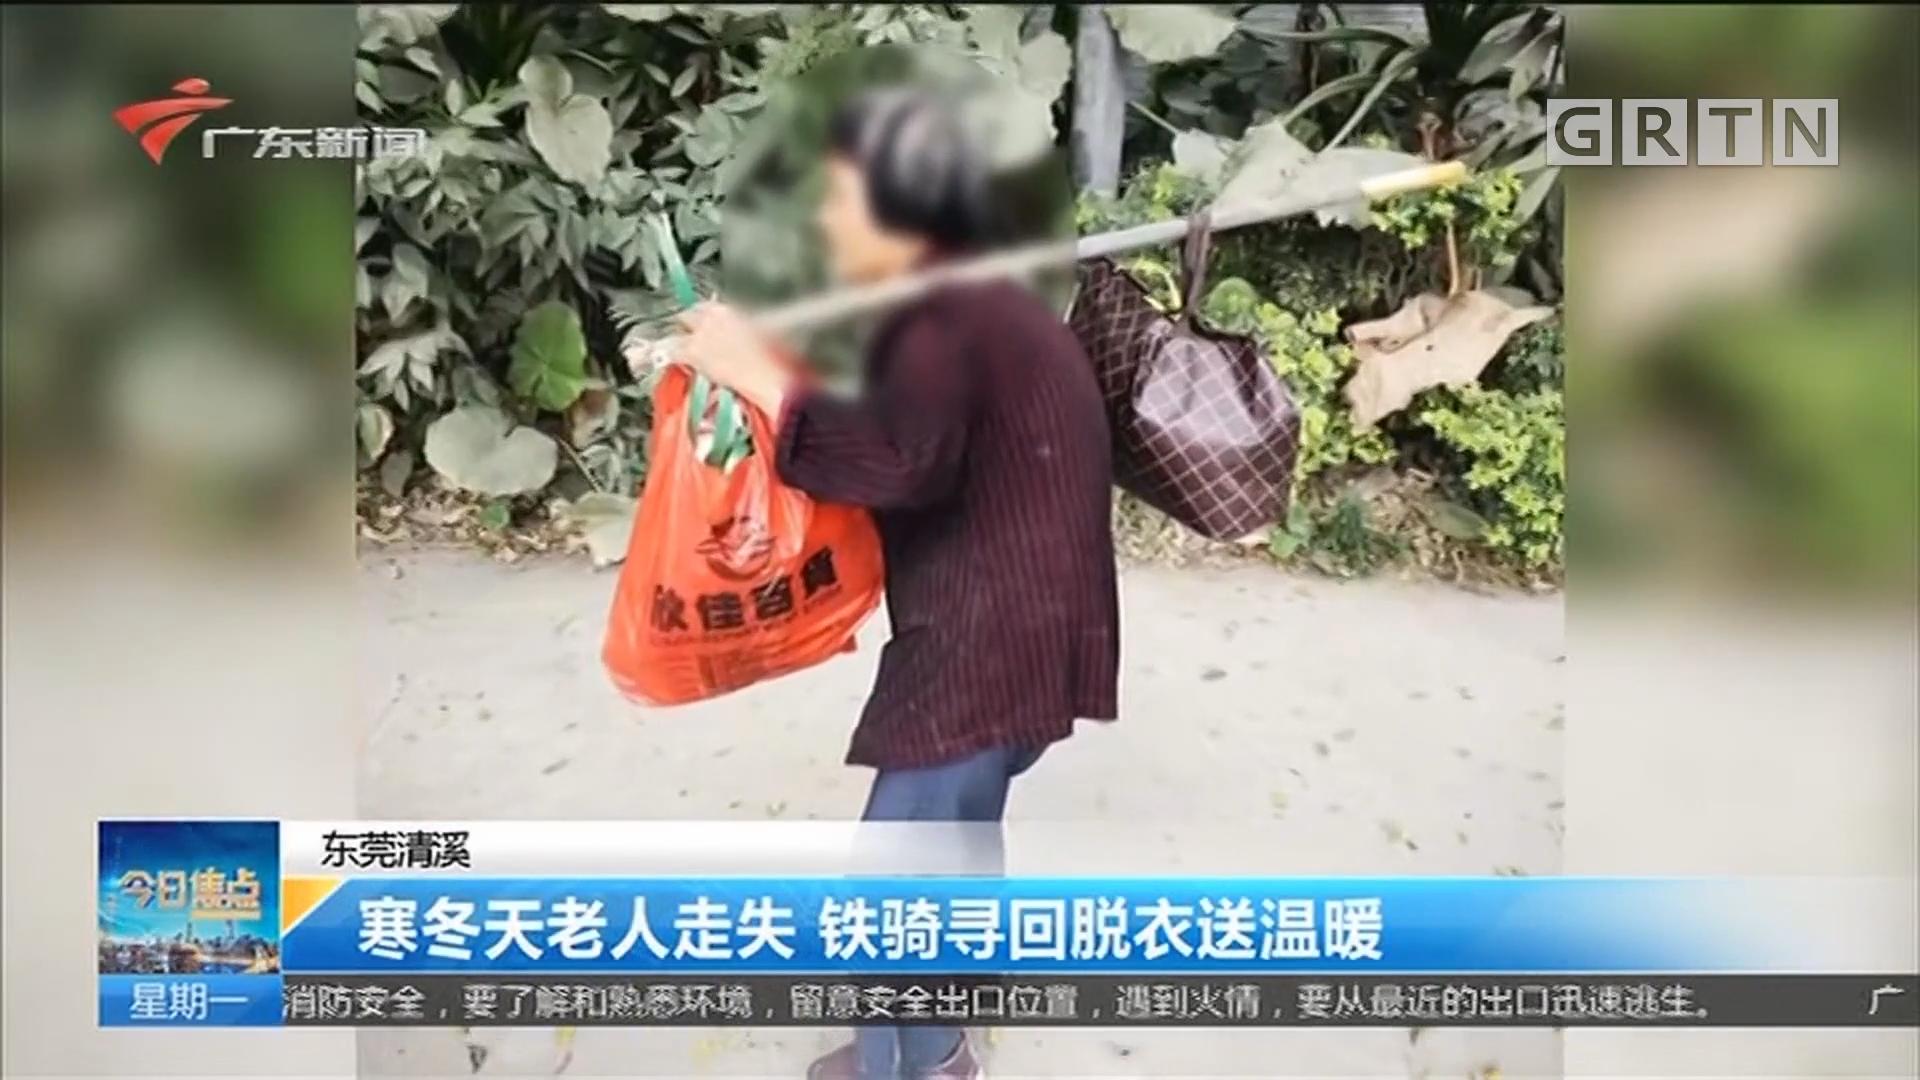 东莞清溪:寒冬天老人走失 铁骑寻回脱衣送温暖